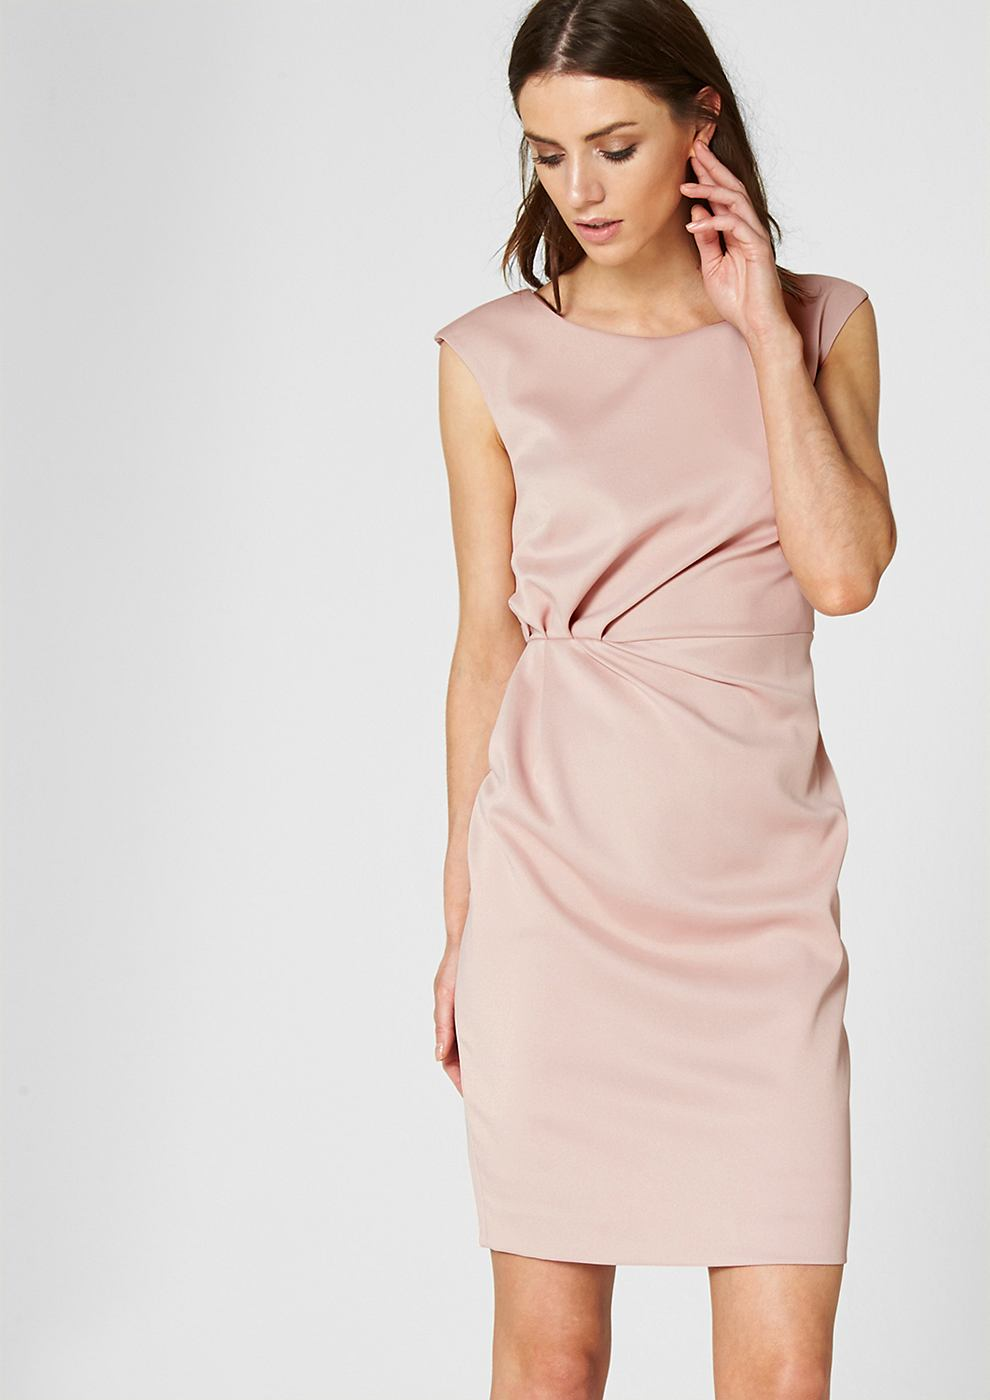 s.Oliver Premium satijnen jurk met drapering rond de taille roze